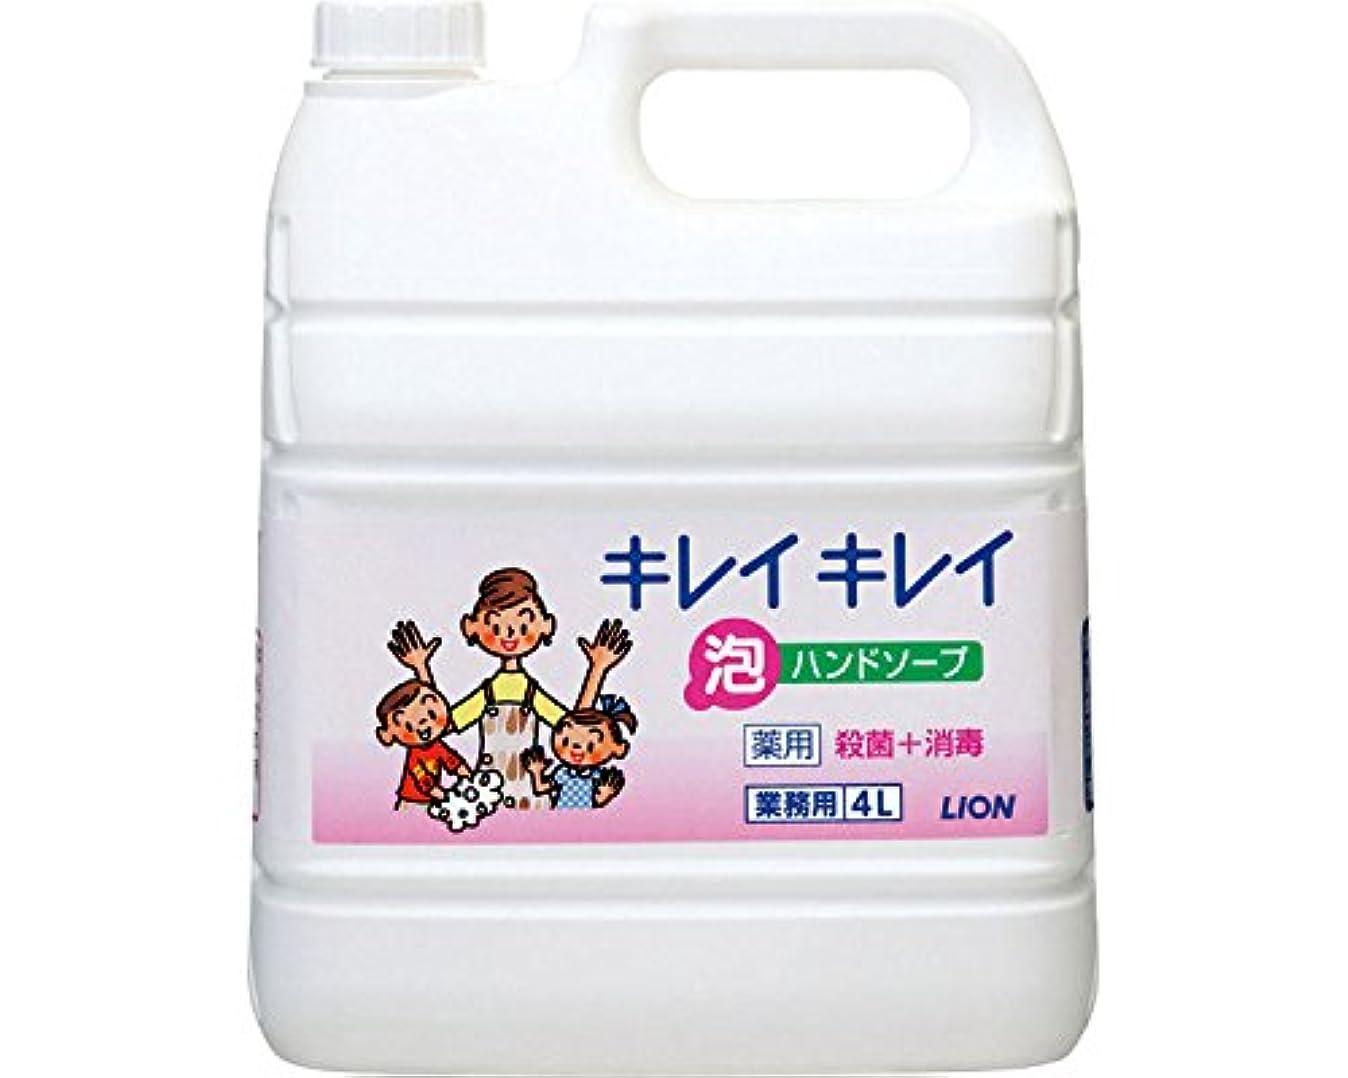 錫インフルエンザ数キレイキレイ薬用泡ハンドソープ 4L詰替 (ライオンハイジーン) (手指洗浄)